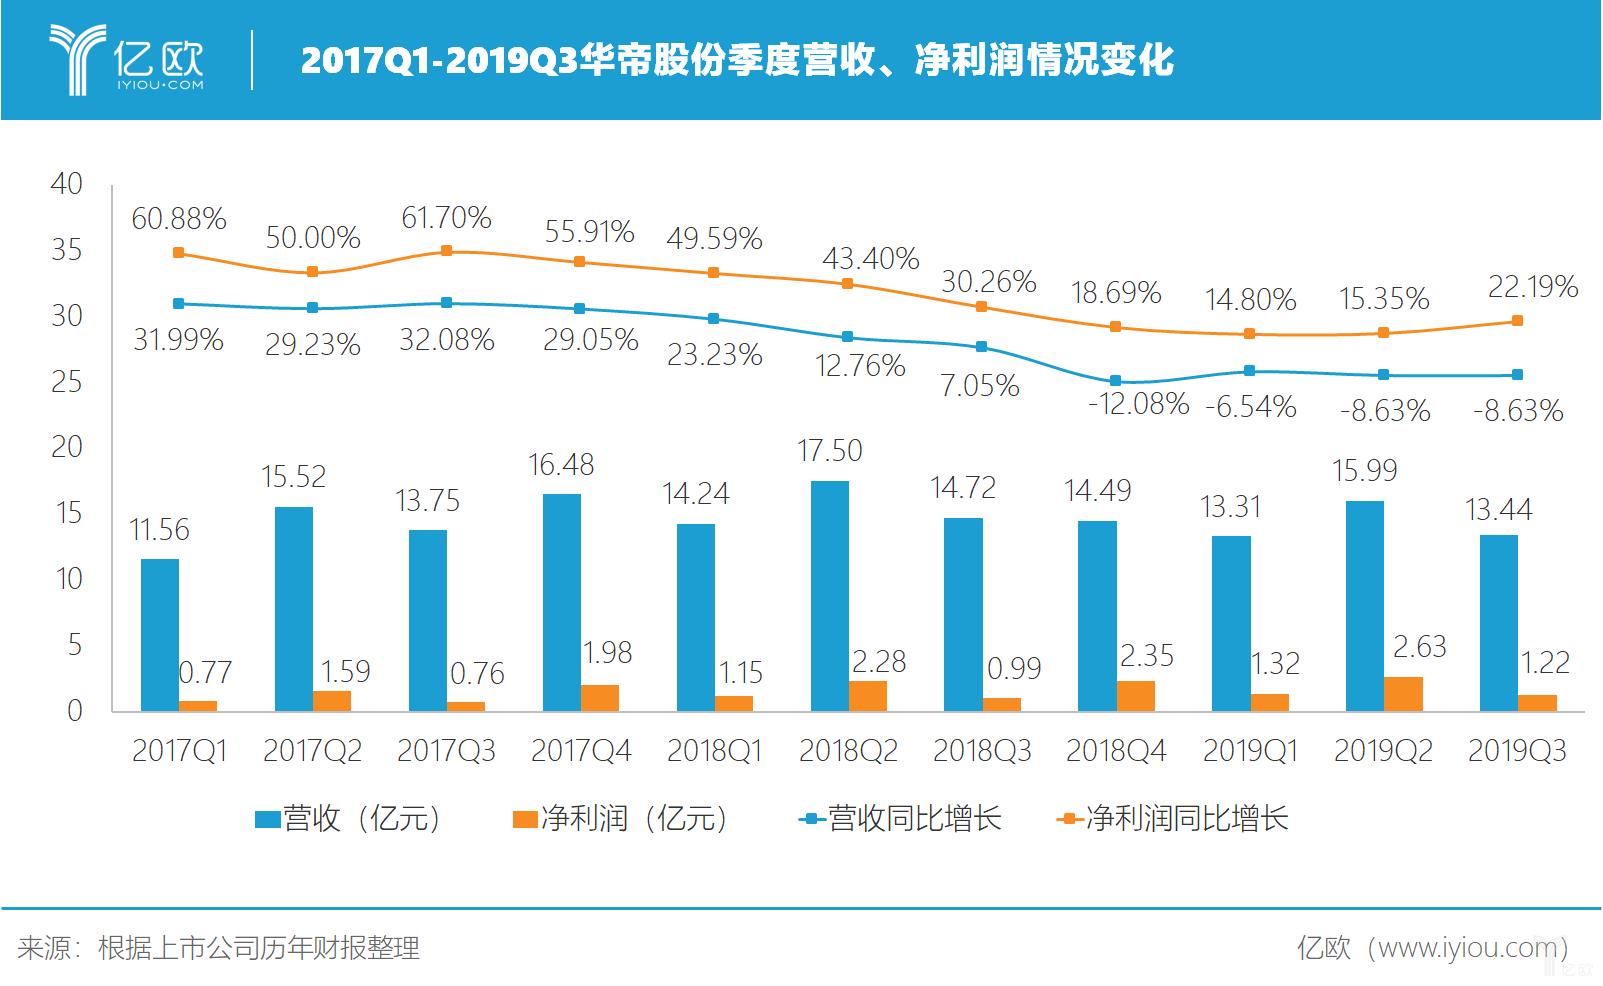 2017Q1-2019Q3华帝股份营收、净利润变化情况